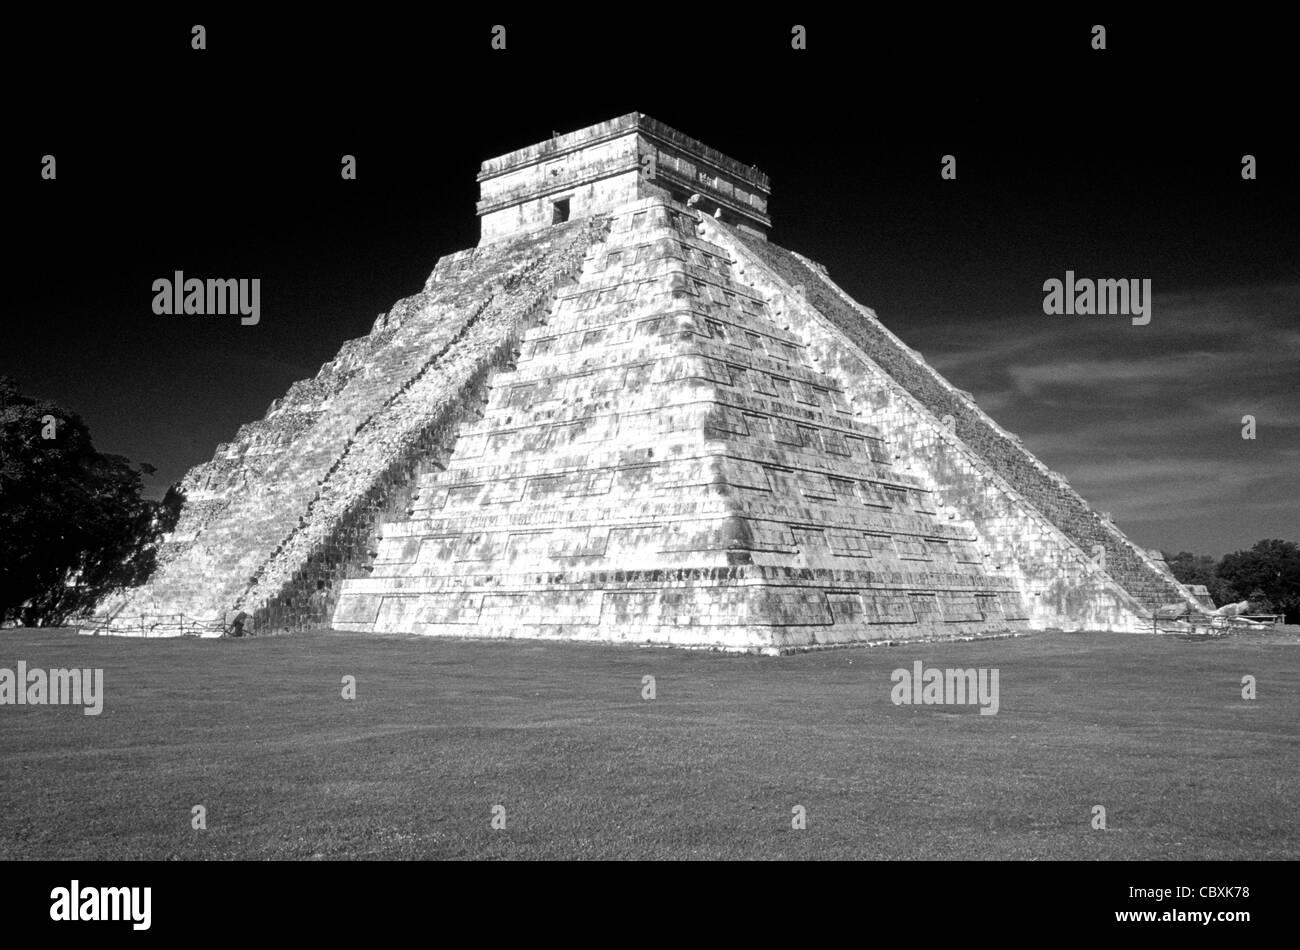 El Castillo or Pyramid of Kukulcan at the Maya ruins of Chichen Itza, Yucatan, Mexico - Stock Image